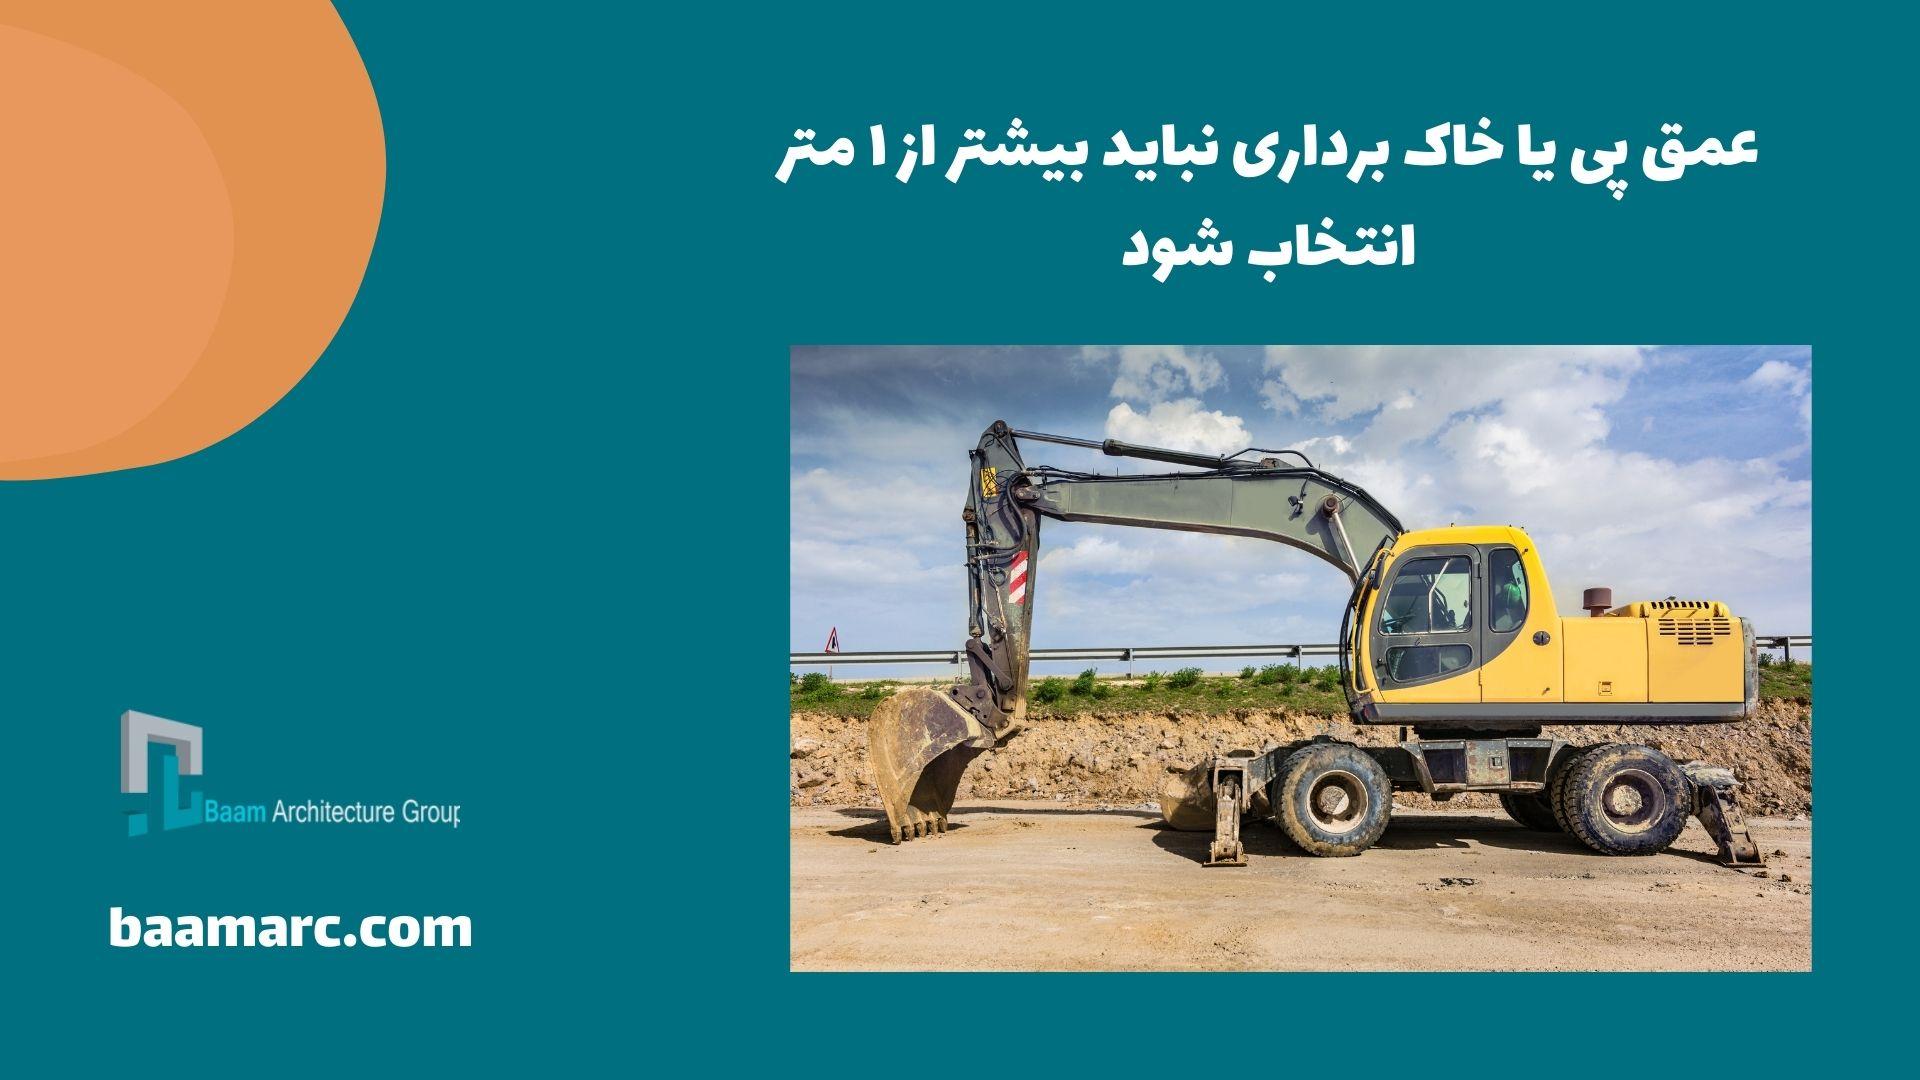 عمق پی یا خاک برداری نباید بیشتر از ۱ متر انتخاب شود